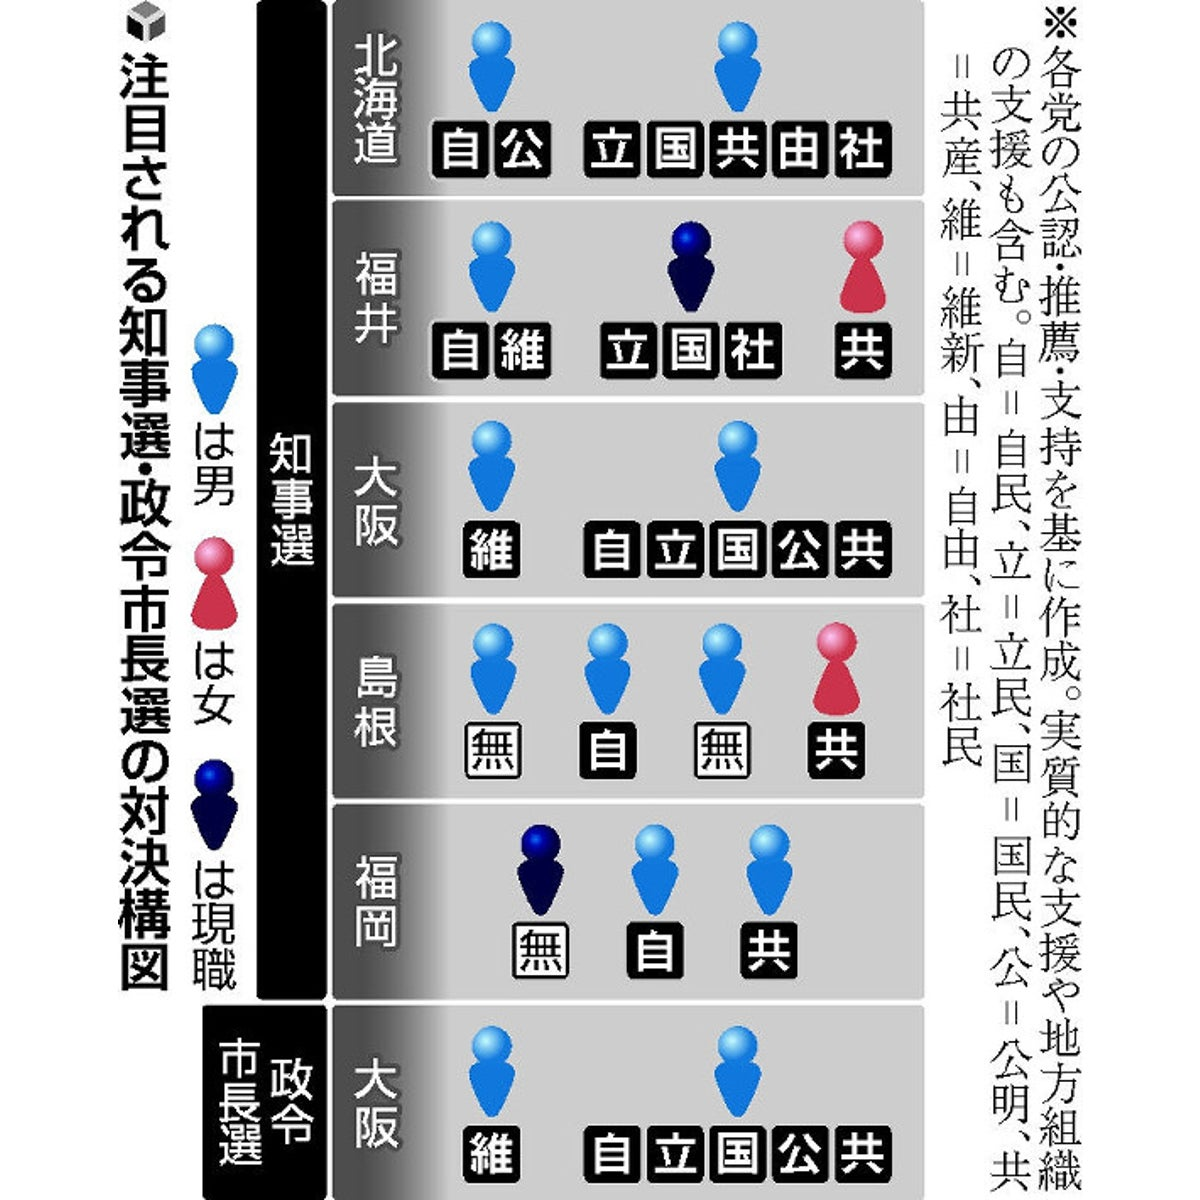 鹿児島県知事選挙 情勢